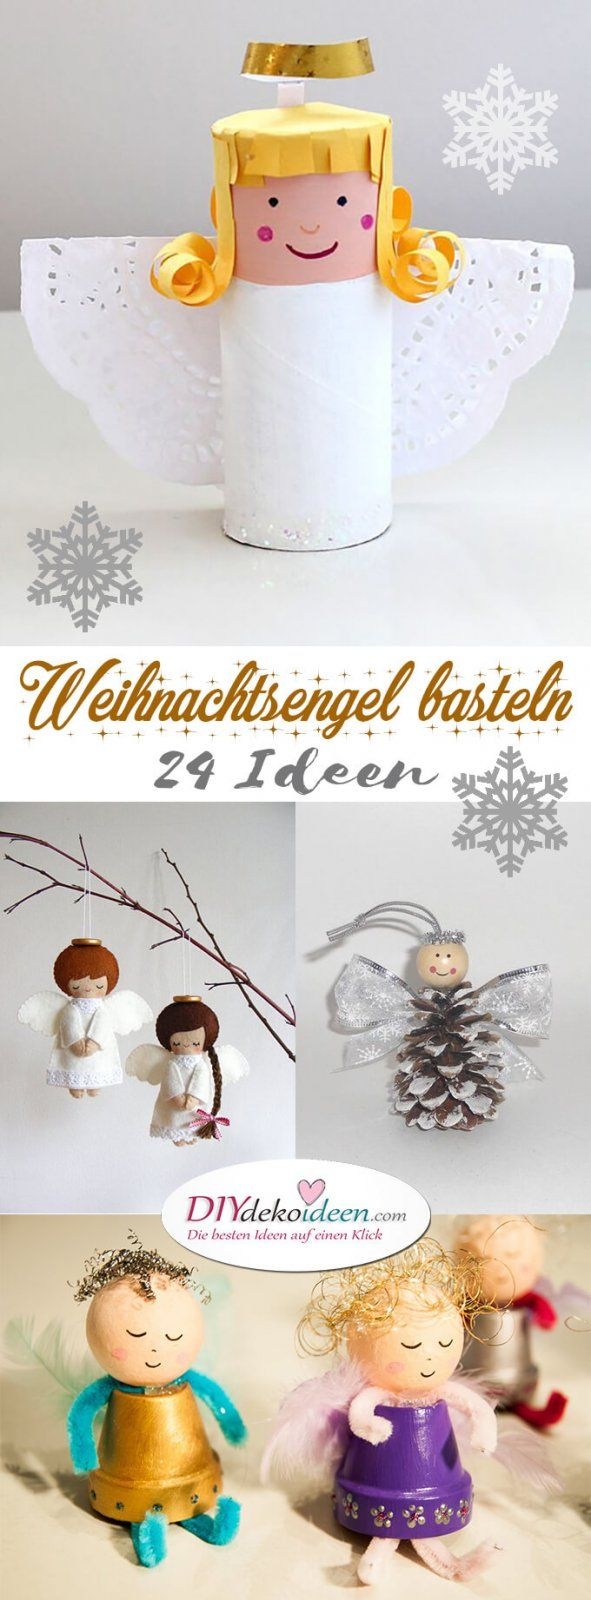 Zauberhafte kleine Weihnachtsengel basteln - Über 20 DIY Bastelideen - Weihnachtsbasteln - Bastelideen Weihnachten